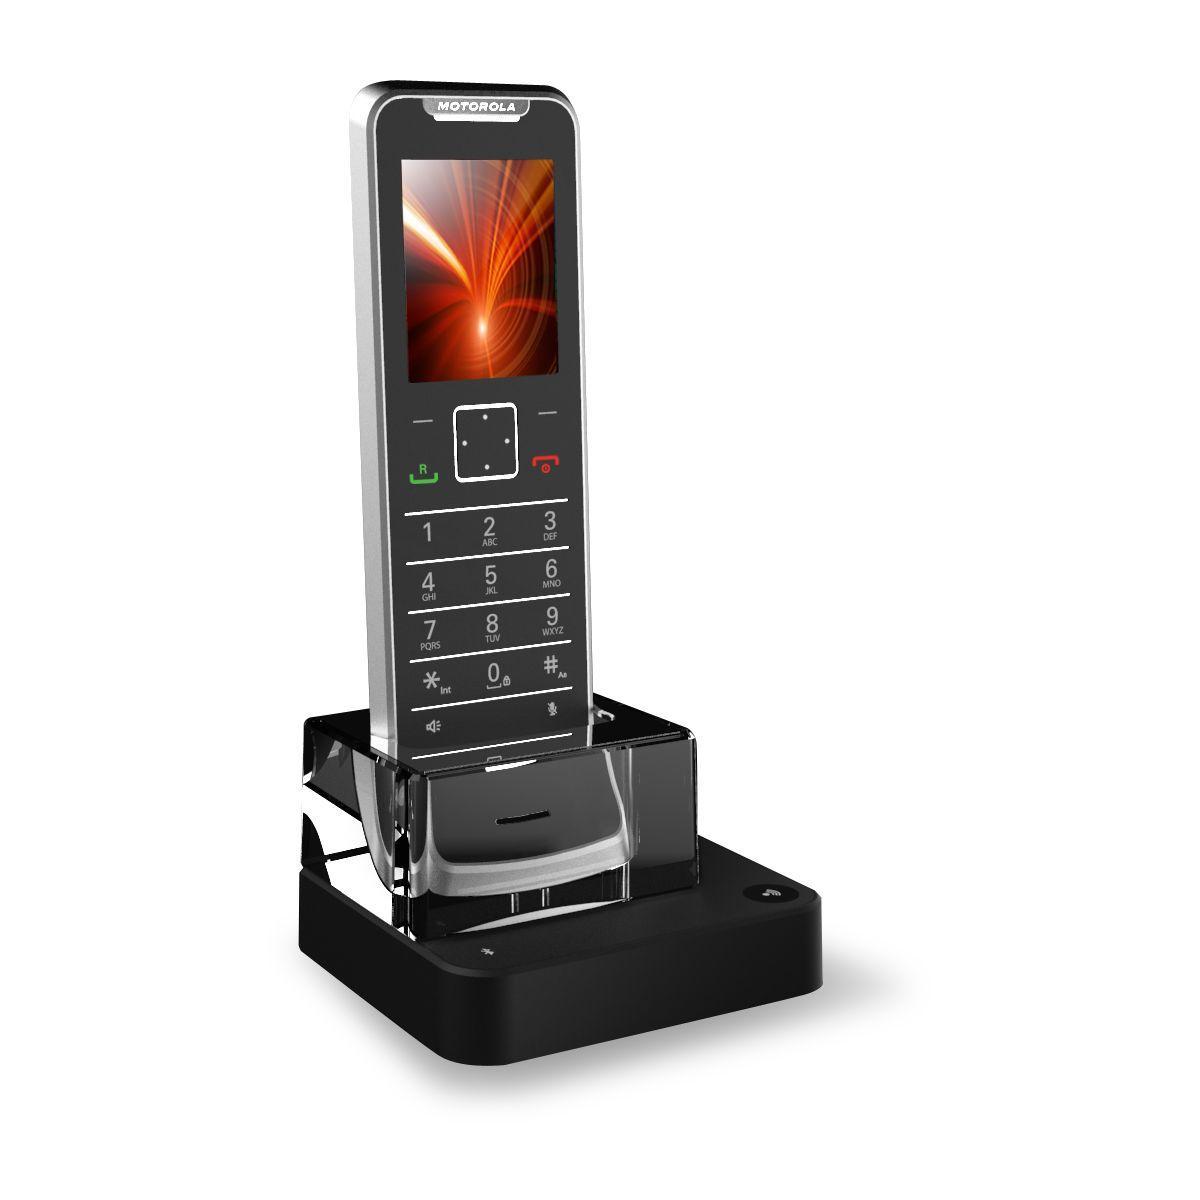 Téléphone motorola motorola it6.1 noir - 20% de remise immédiate avec le code : multi20 (photo)